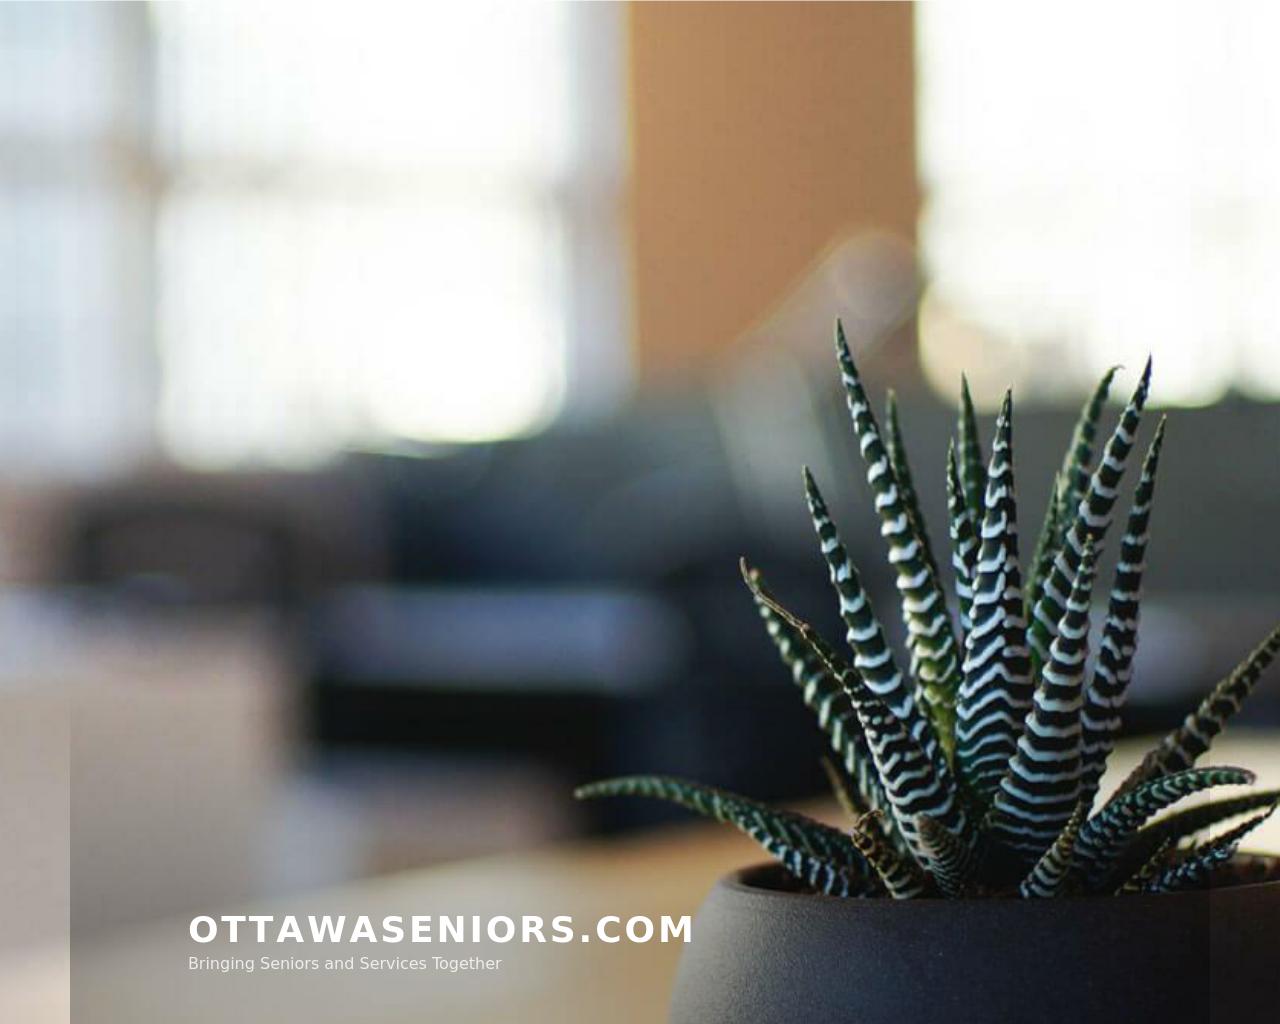 Ottawa-Seniors-Advertising-Reviews-Pricing